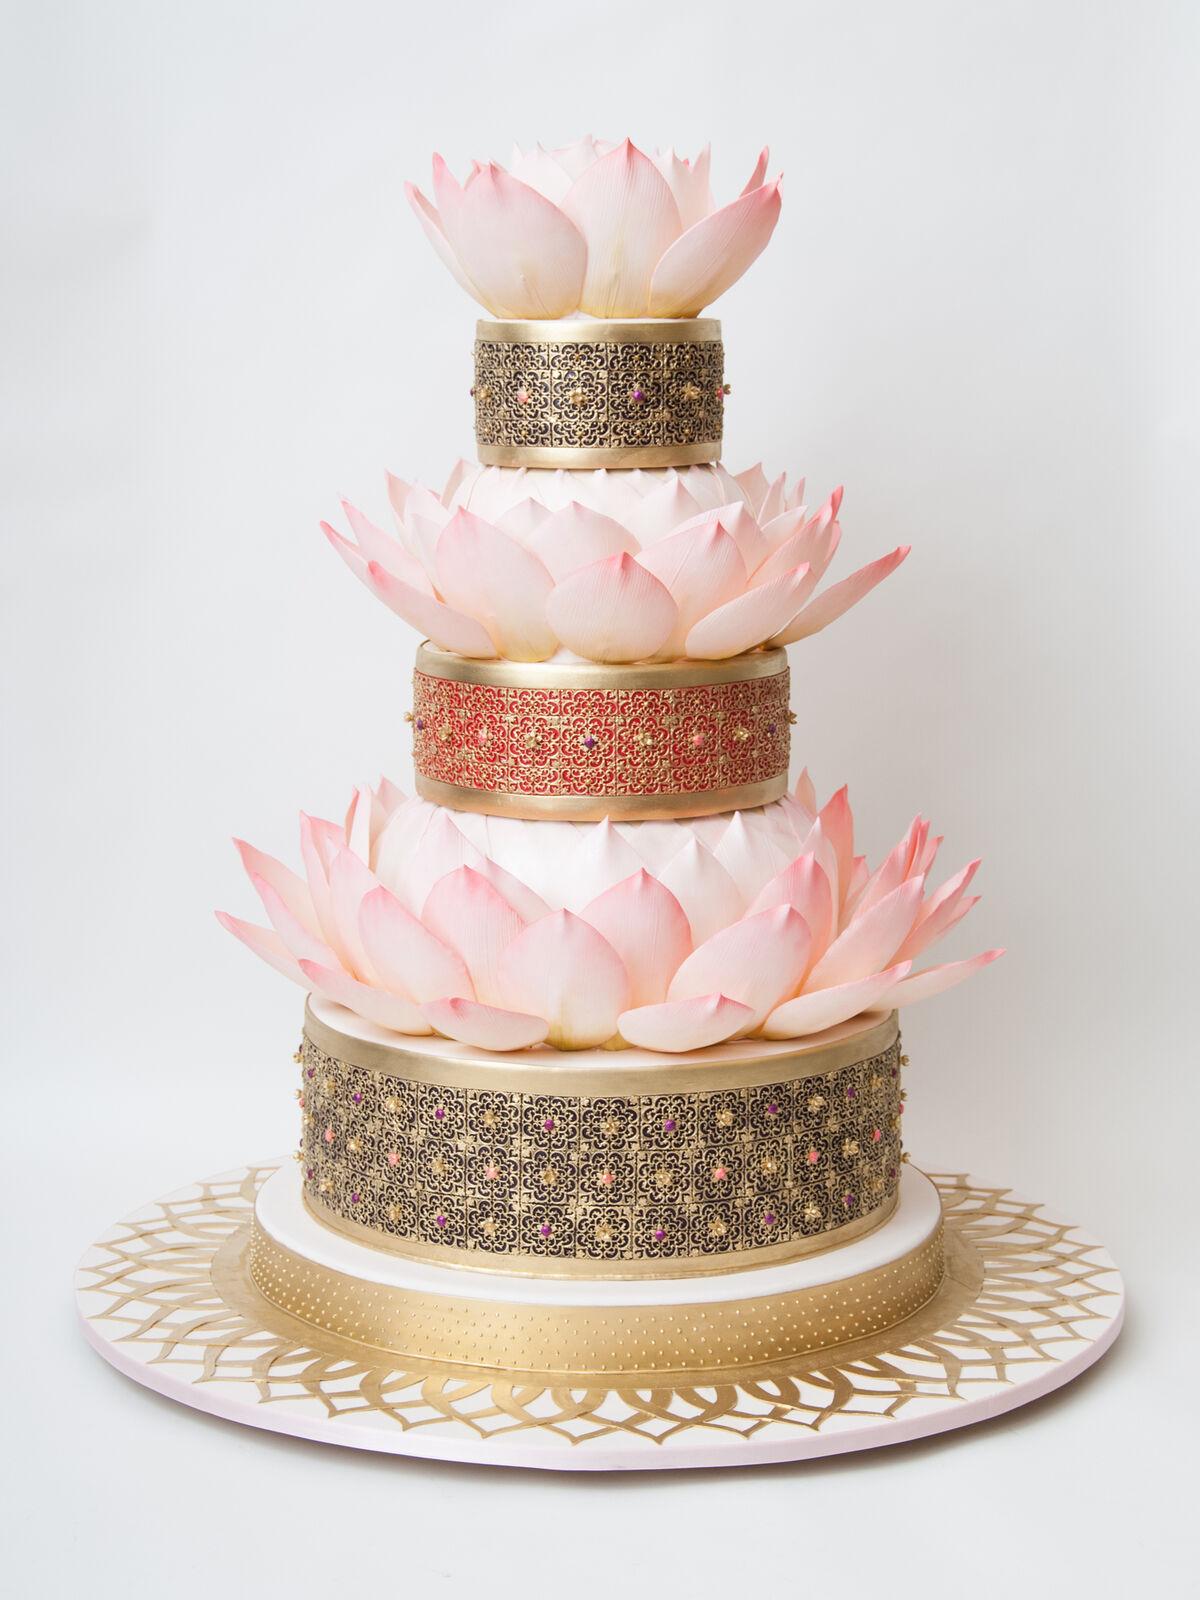 Pink lotus wedding cake by Ron Ben-Israel Cakes. Photo courtesy of Ron Ben-Israel Cakes.